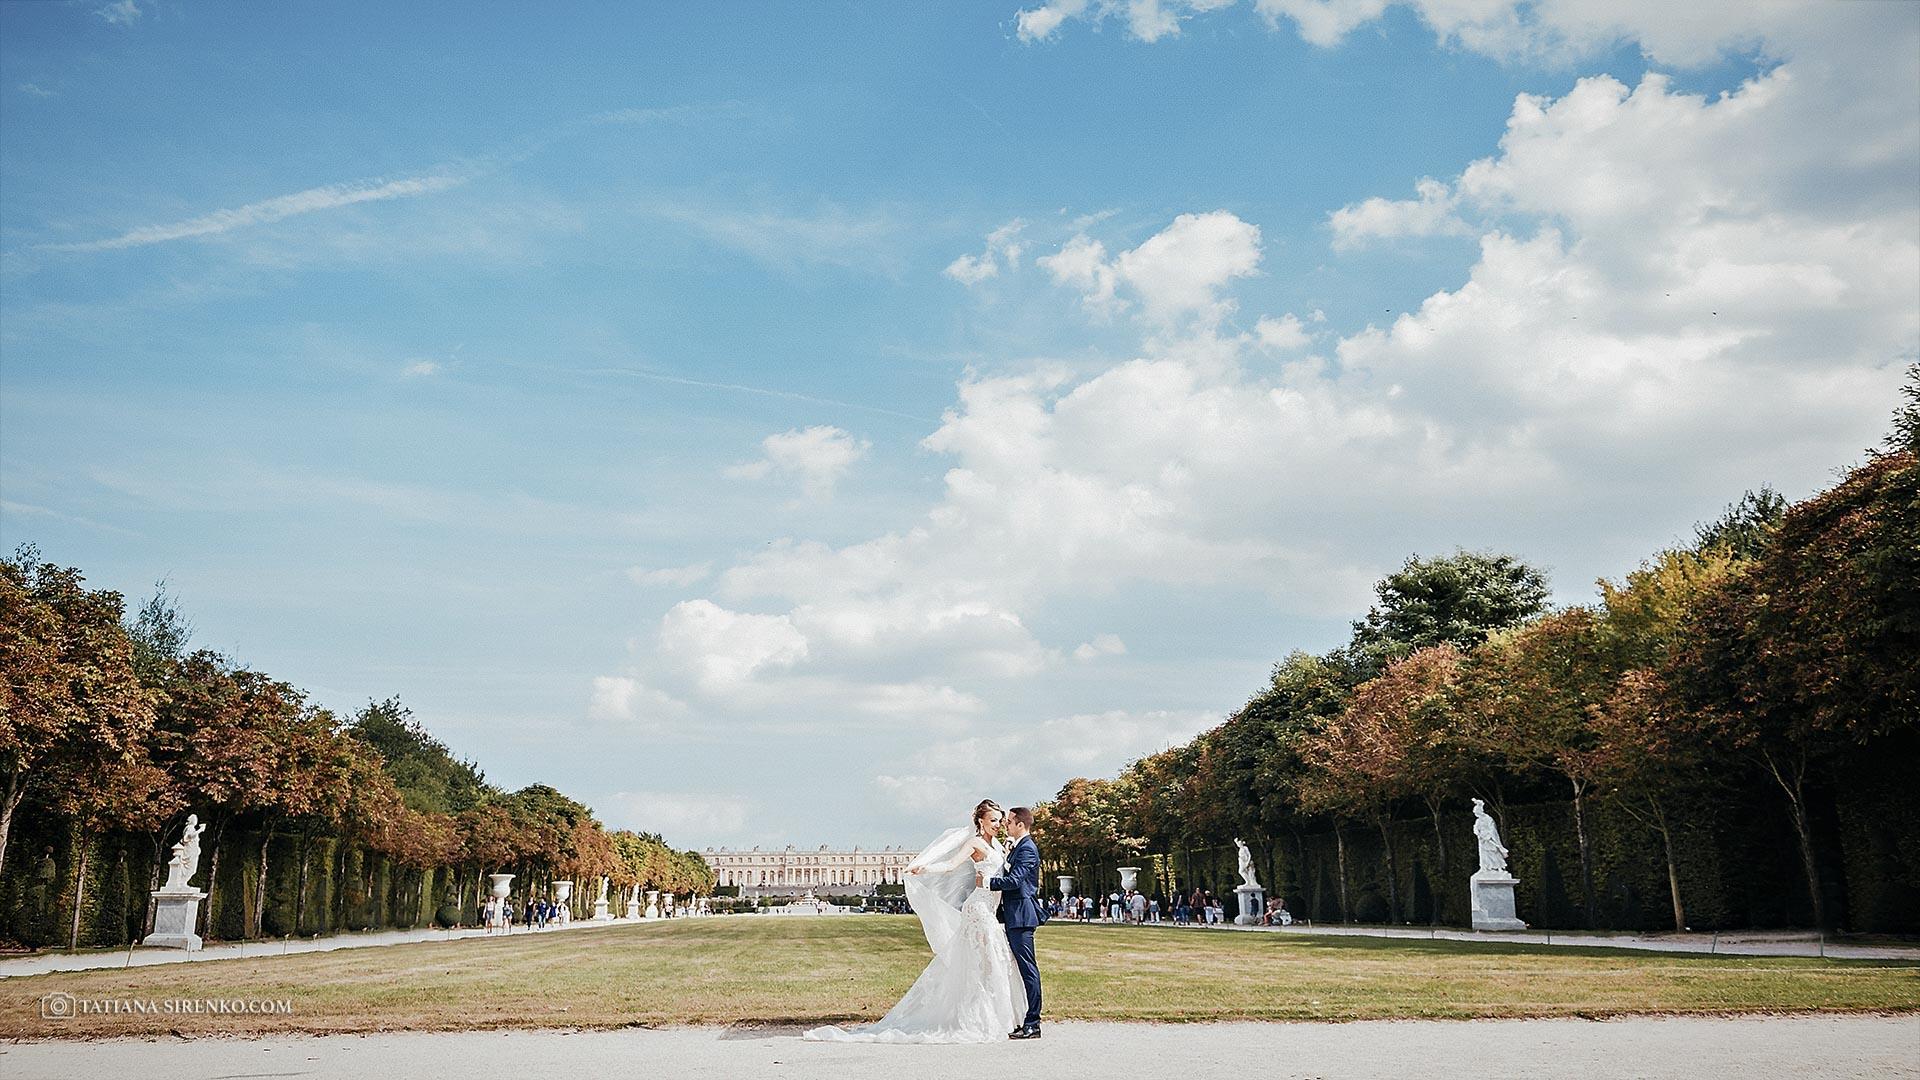 Профессиональный фотограф в Париже